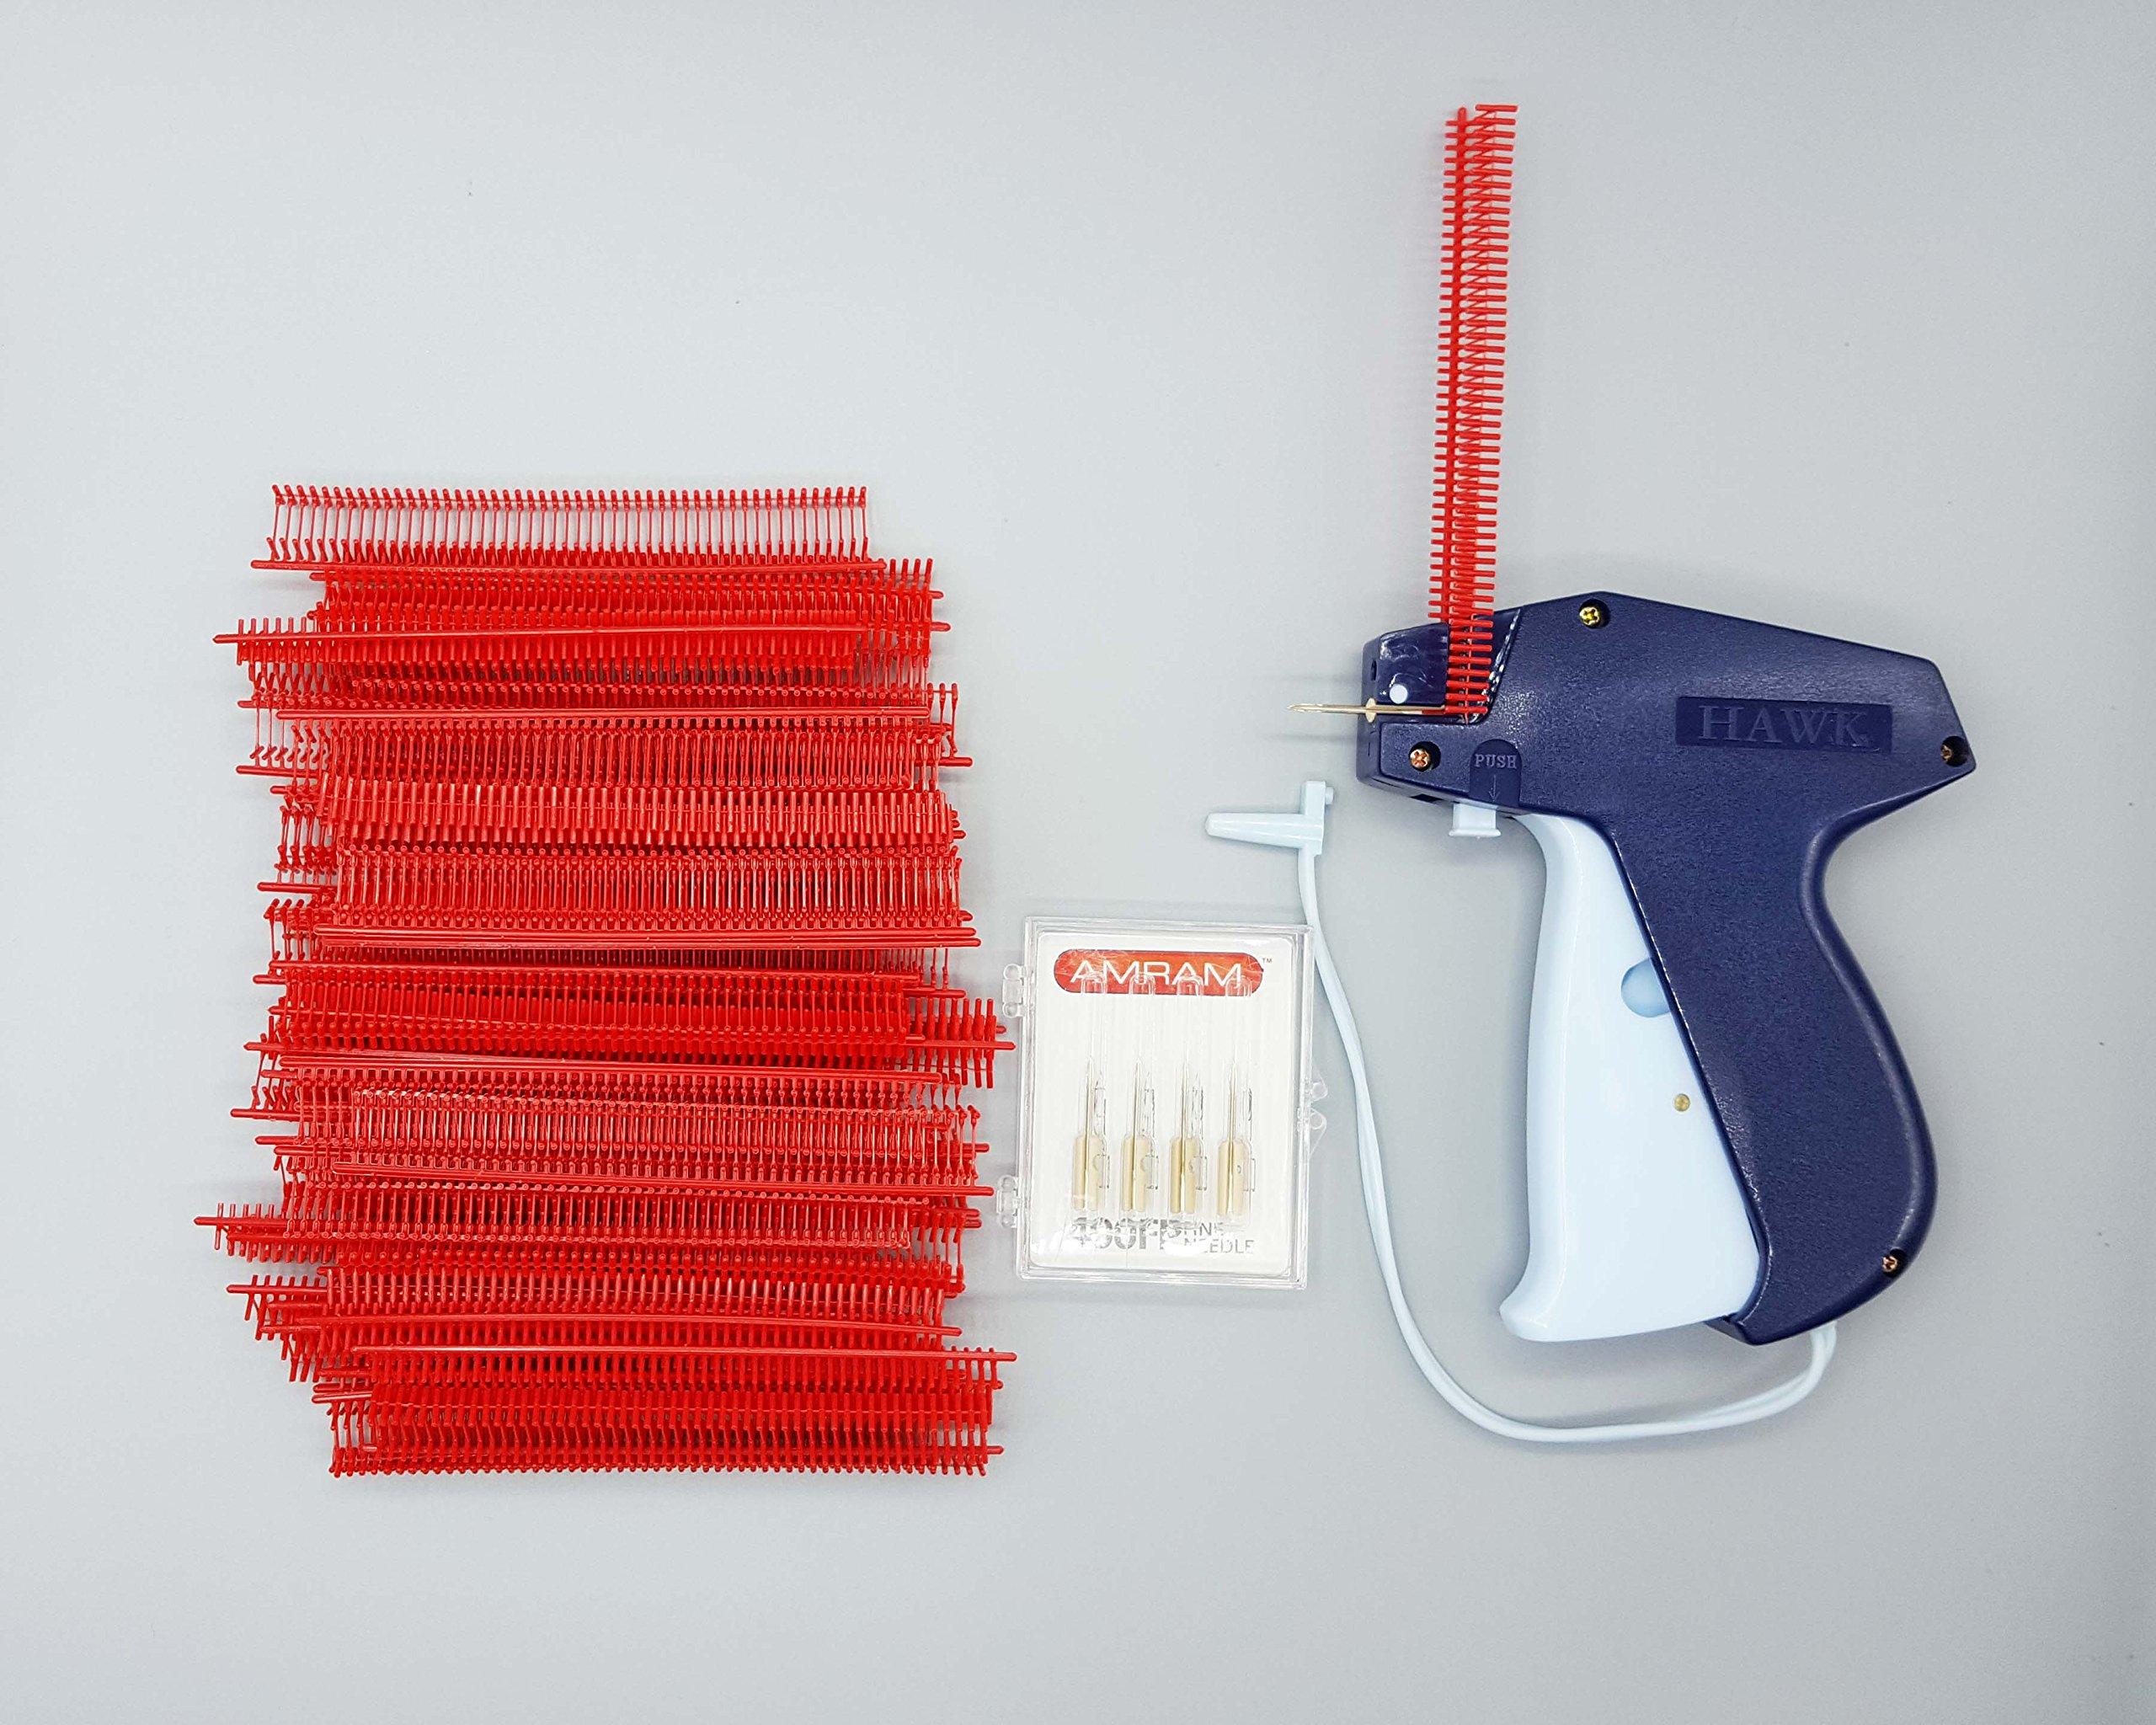 Amram Quilting Basting Gun BONUS KIT w/5 Needles & 3000 Pcs 3/8 ... : quilt basting gun - Adamdwight.com